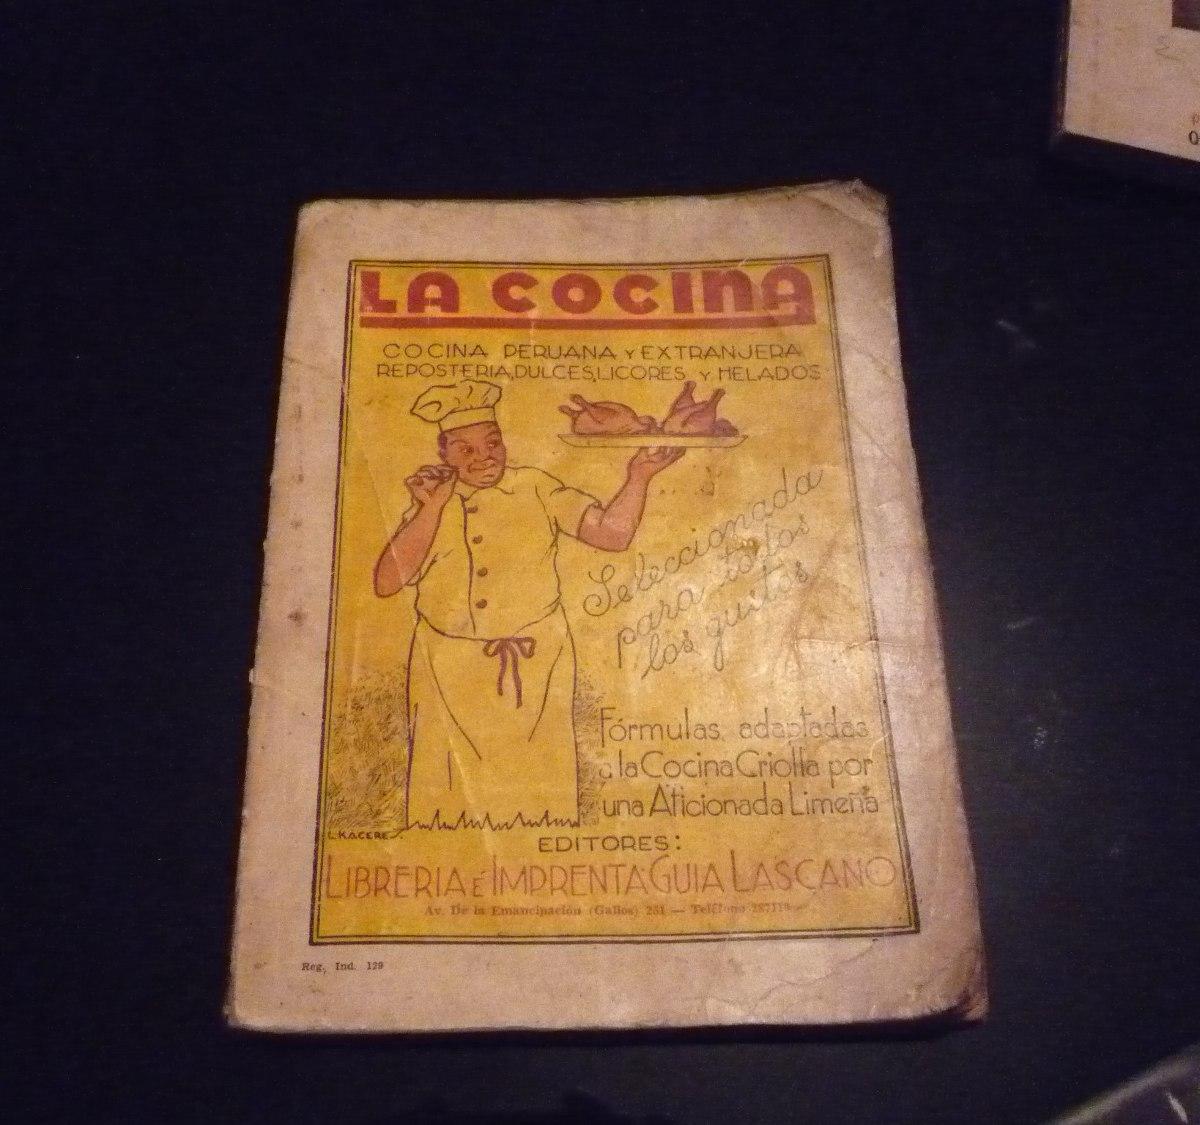 Cocina Peruana Y Extranjera Reposteria Libro Recetario Swt